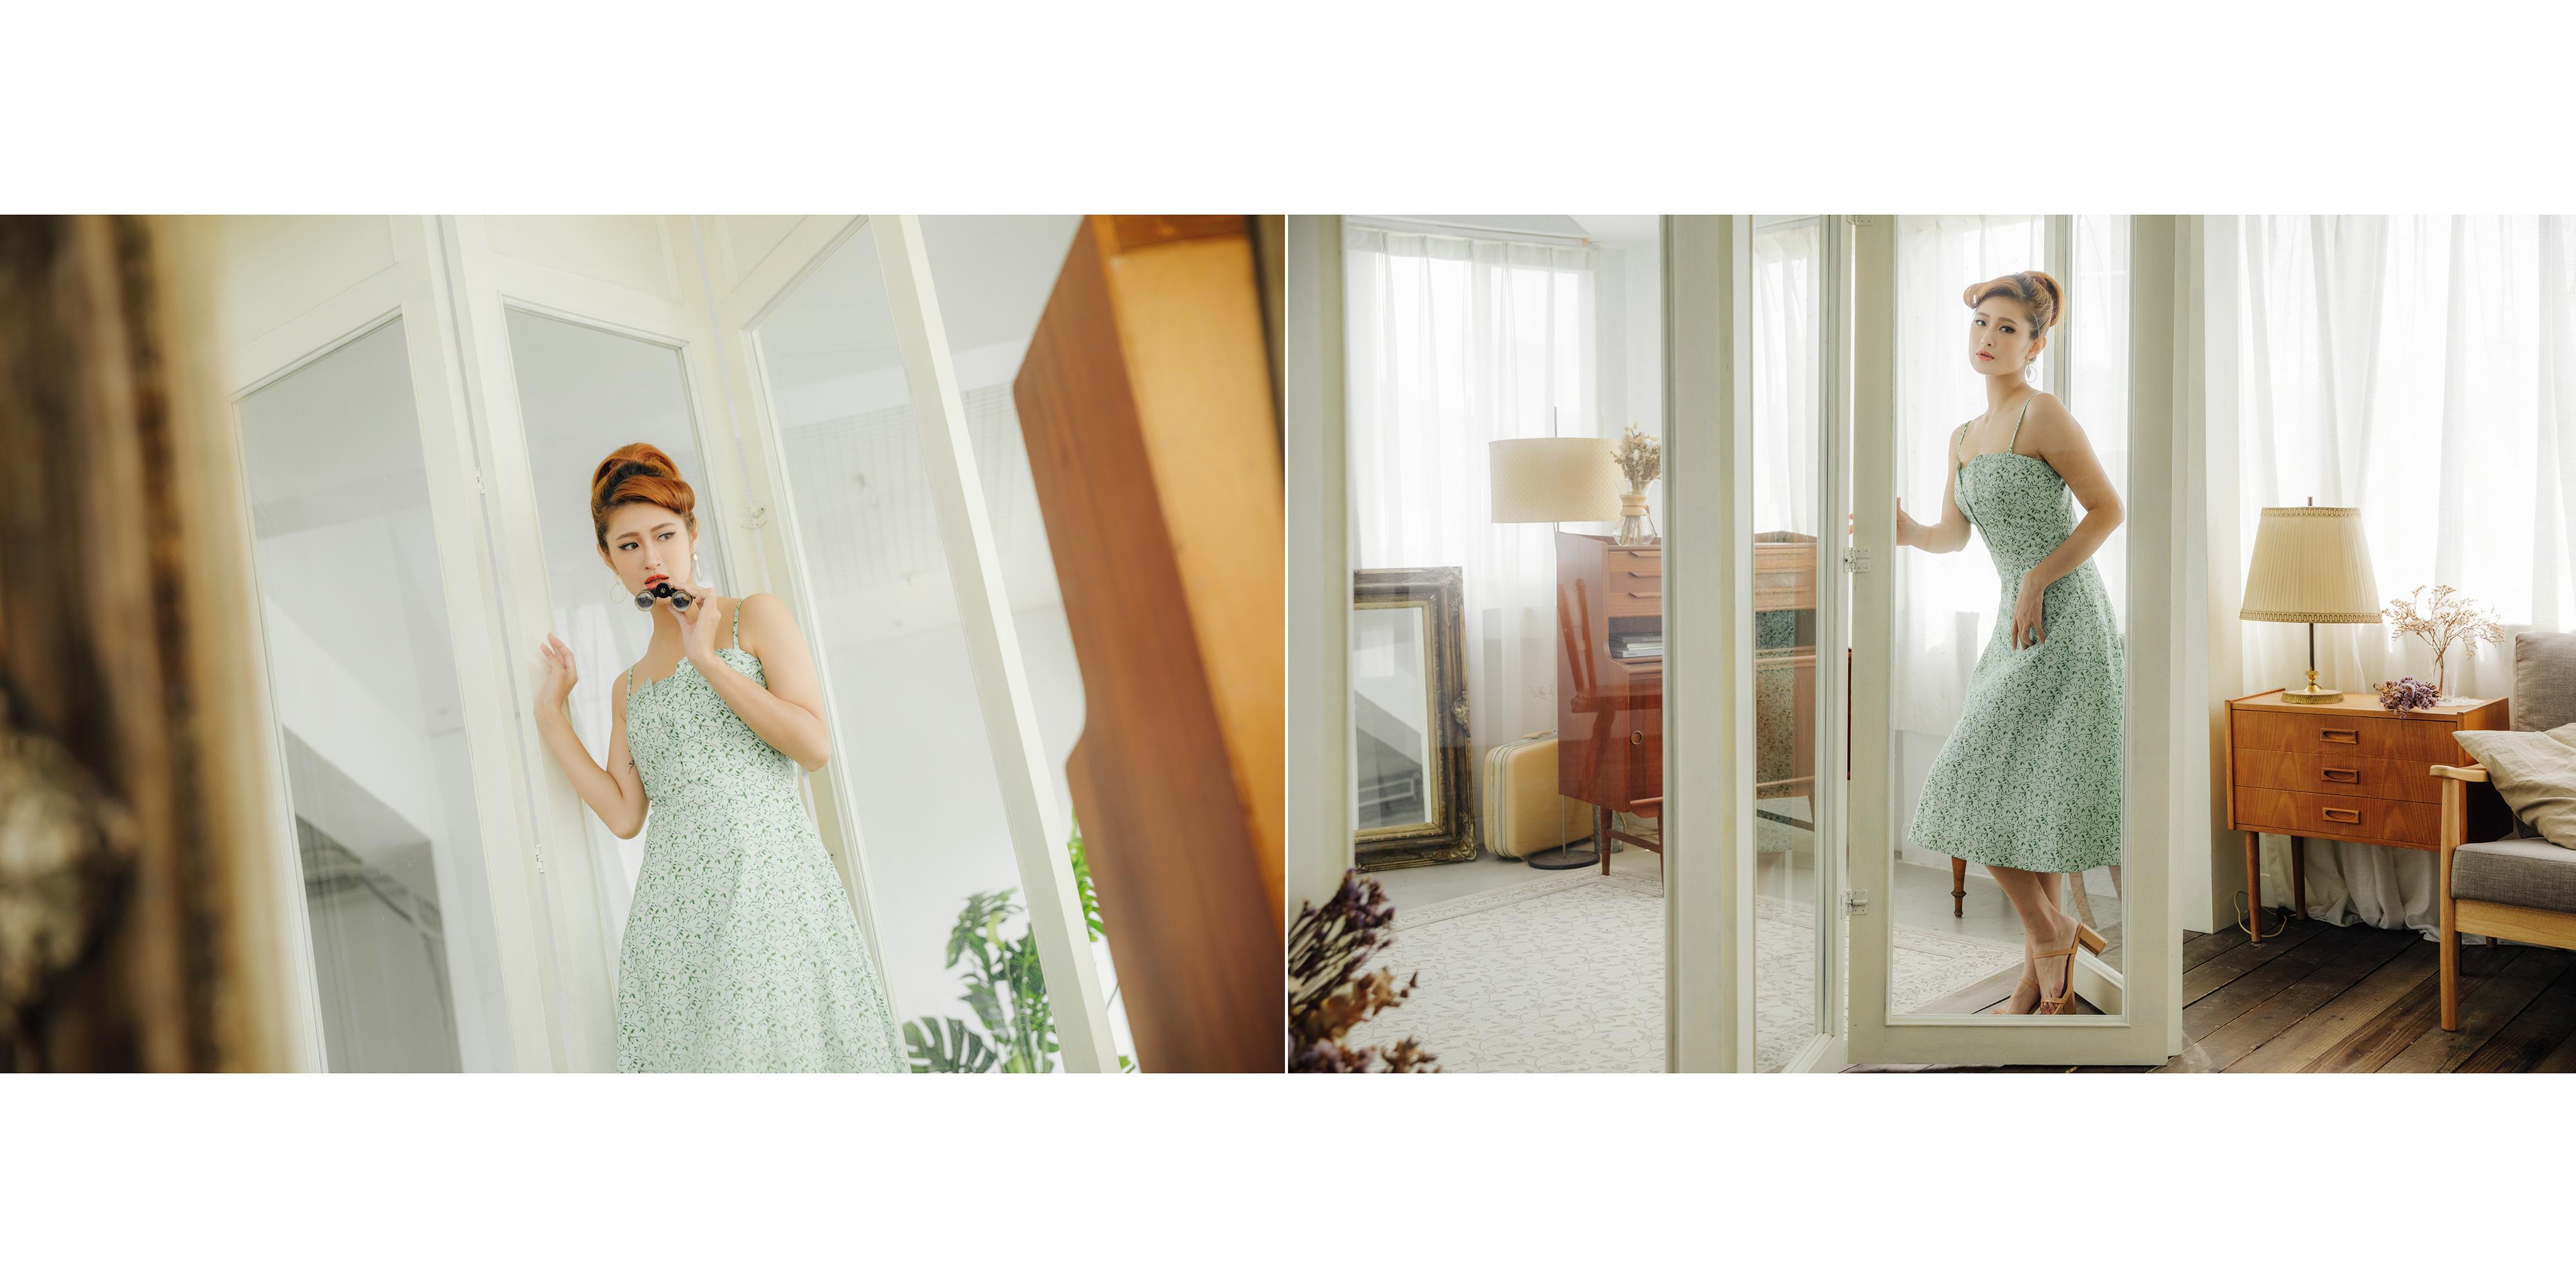 48443844136 dc45a2124d o - 【風格形象】+Yumi+